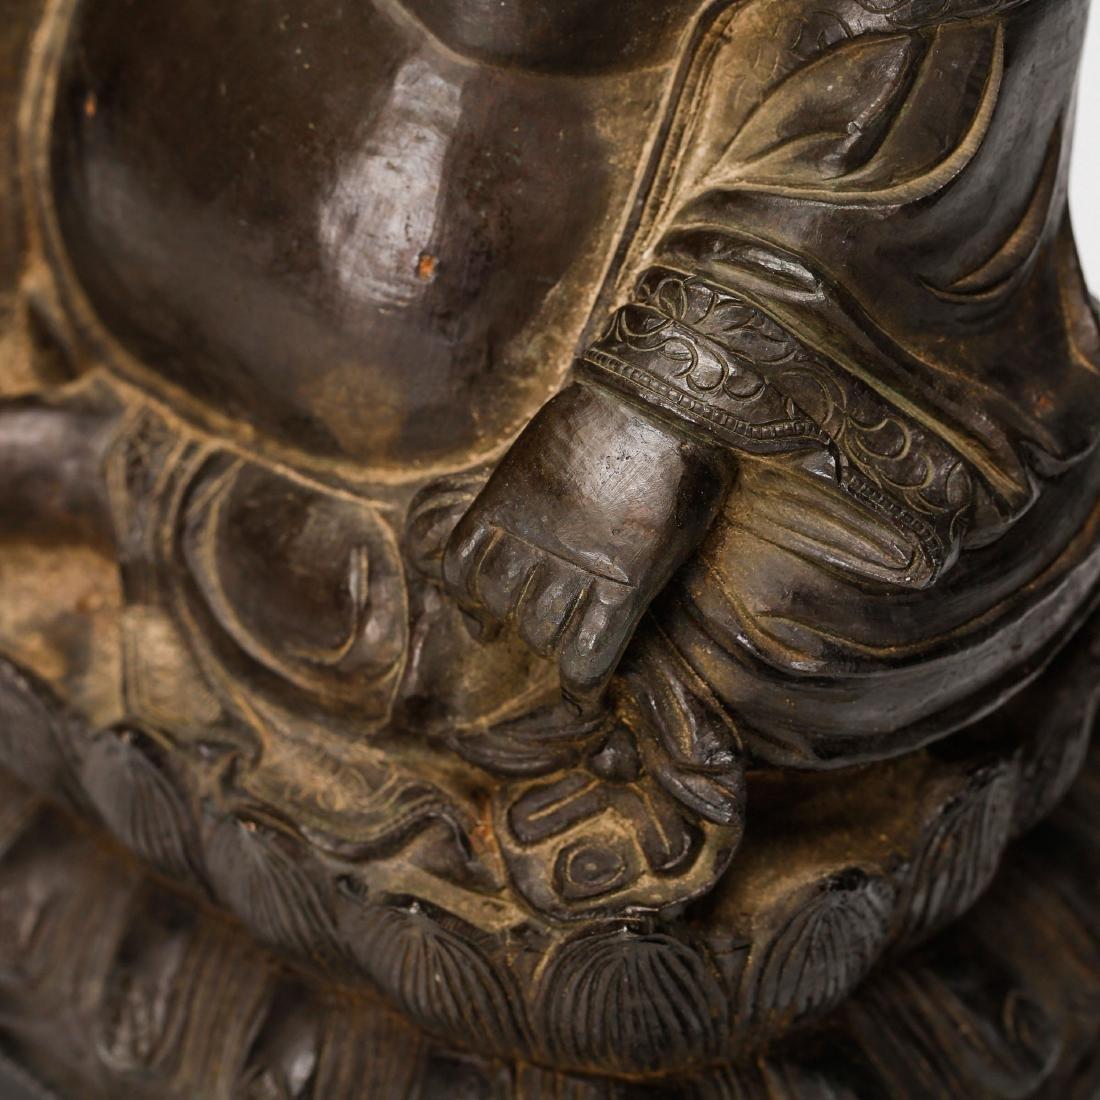 CHINESE BRONZE FIGURE OF BUDDHA - 6